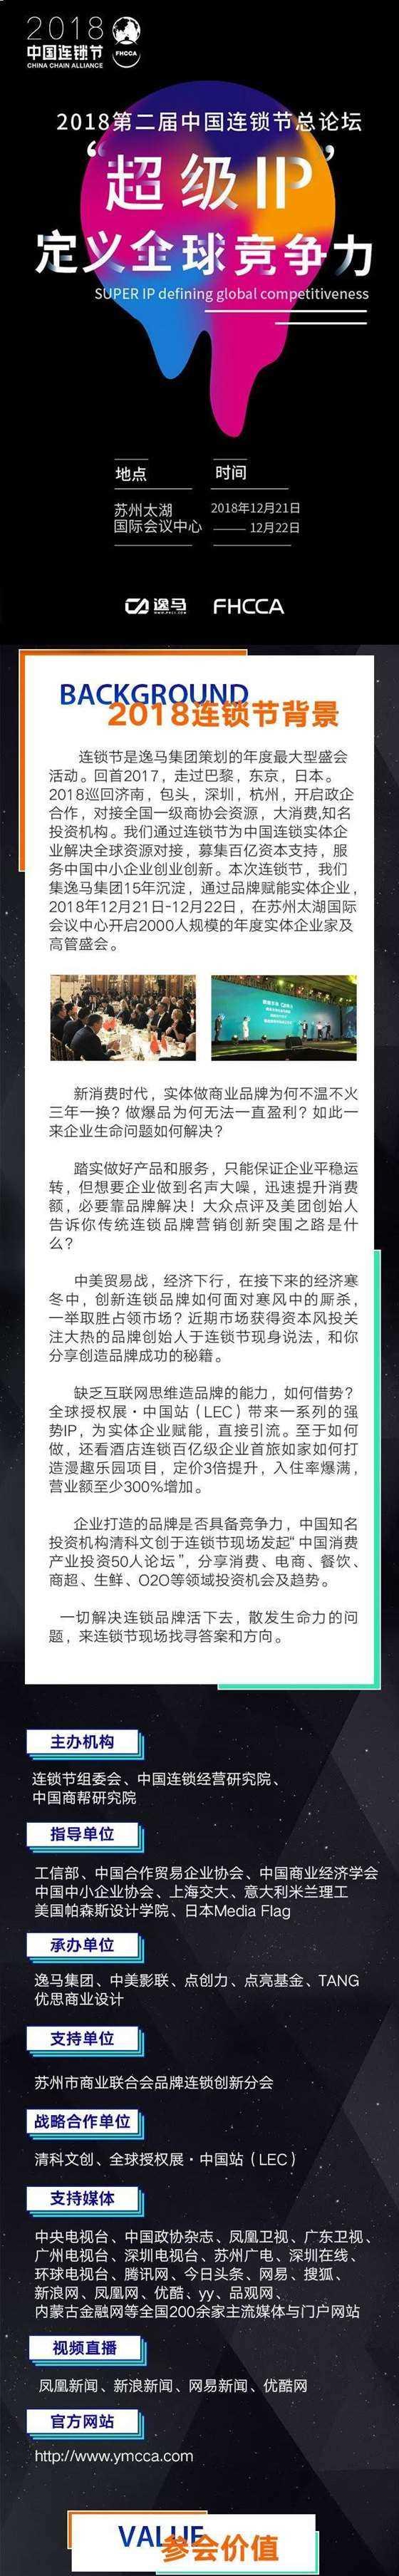 中国连锁节长图11月13日修改无二维码电话_01.jpg